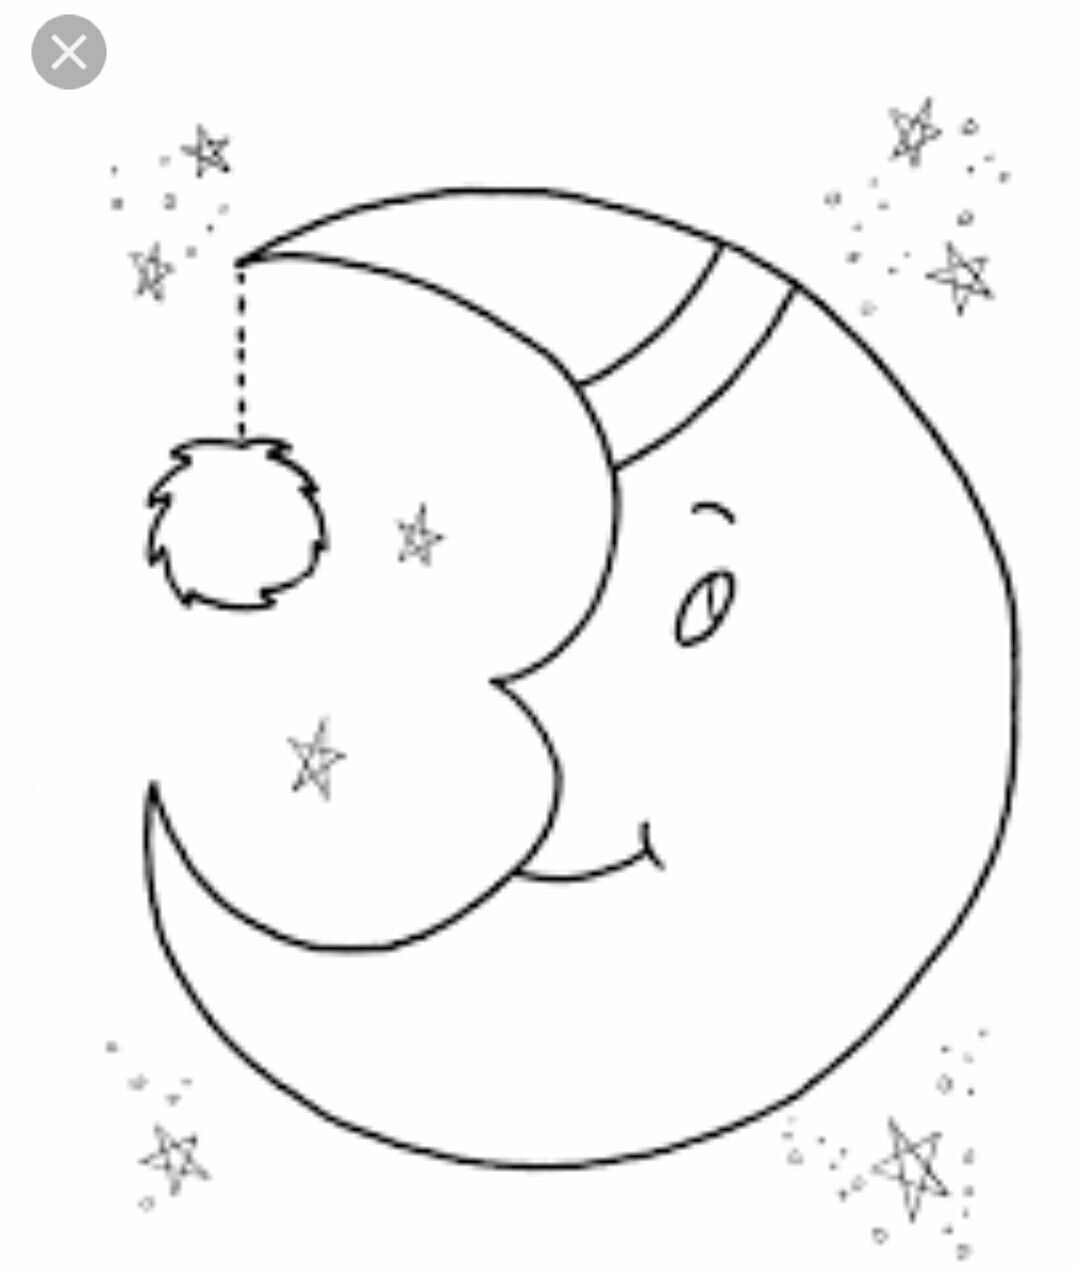 Kece Kalibi Aplike Sablonlari Aplike Desenleri Boyama Sayfalari